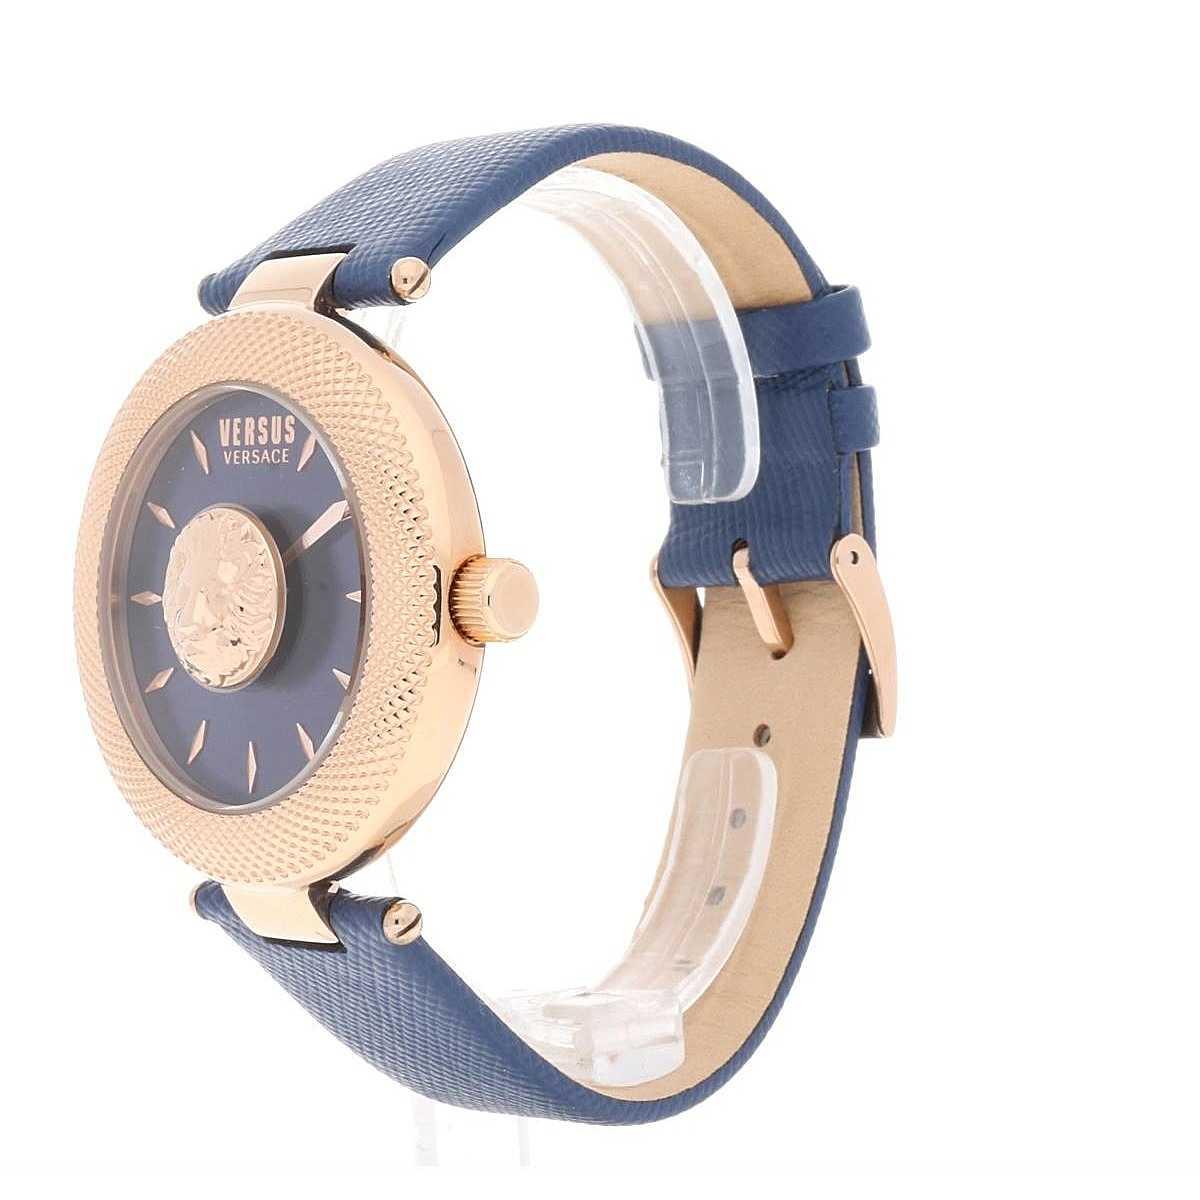 ... Brick Lane VSP212317. zoom. vente montres femme Versus VSP212317. zoom 8c4aca591da